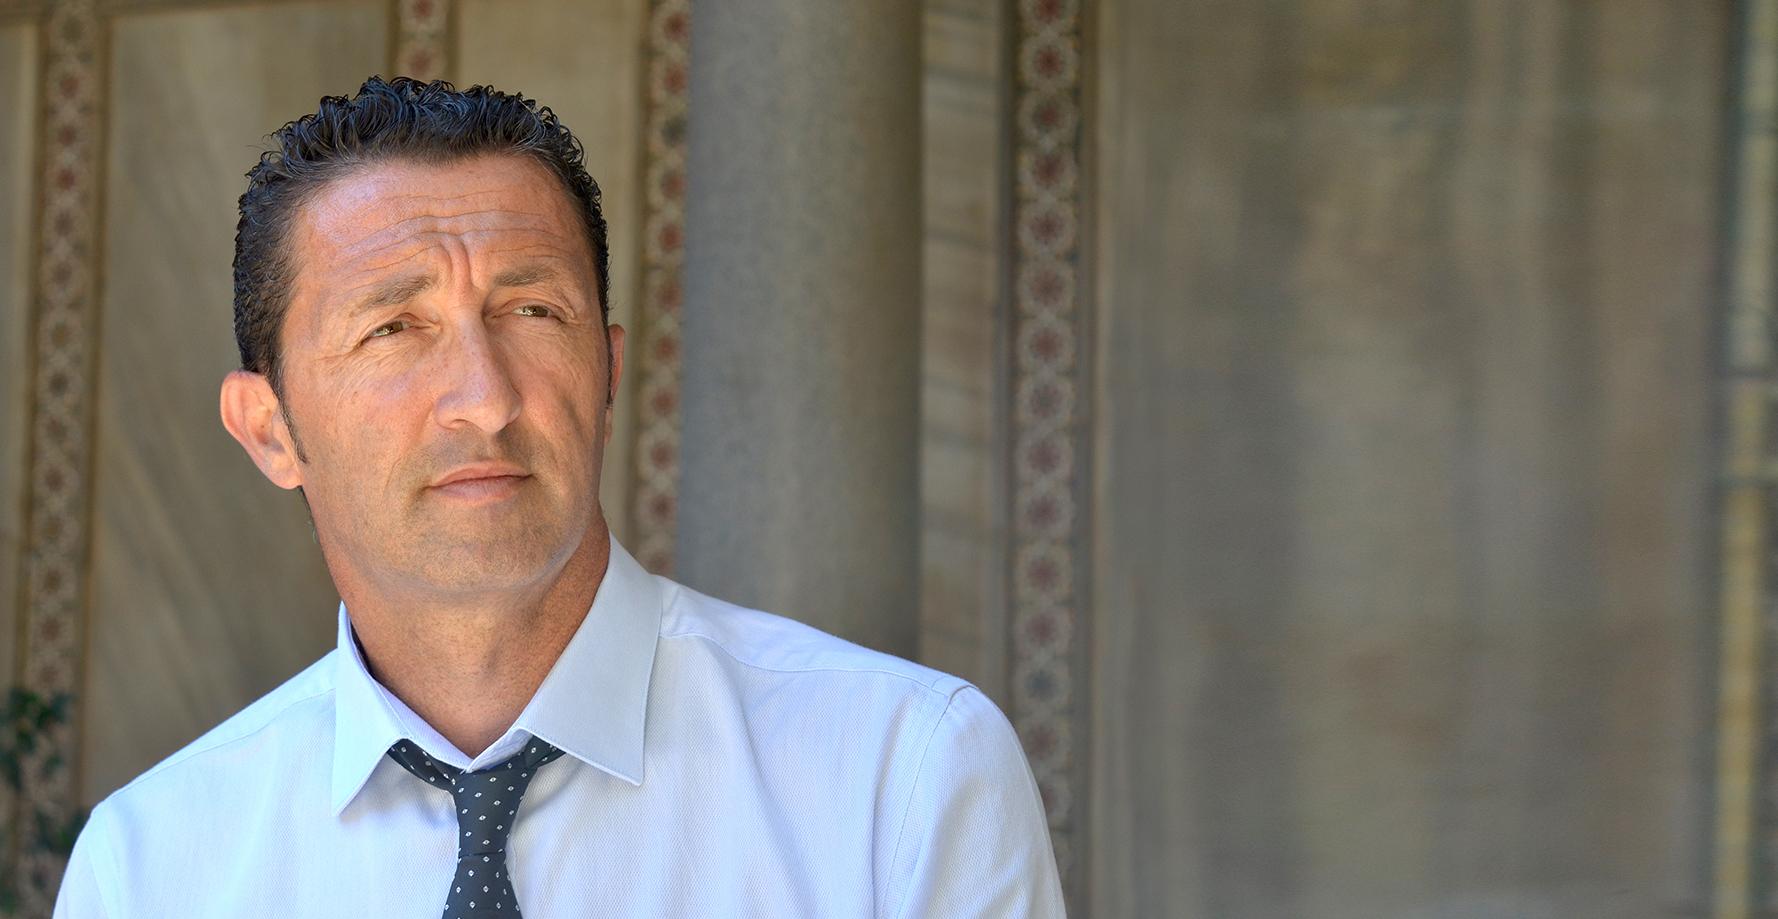 """Tancredi (M5S): """"Prospettive certe per i catalogatori della Regione, la Corte costituzionale ci ha dato ragione"""""""